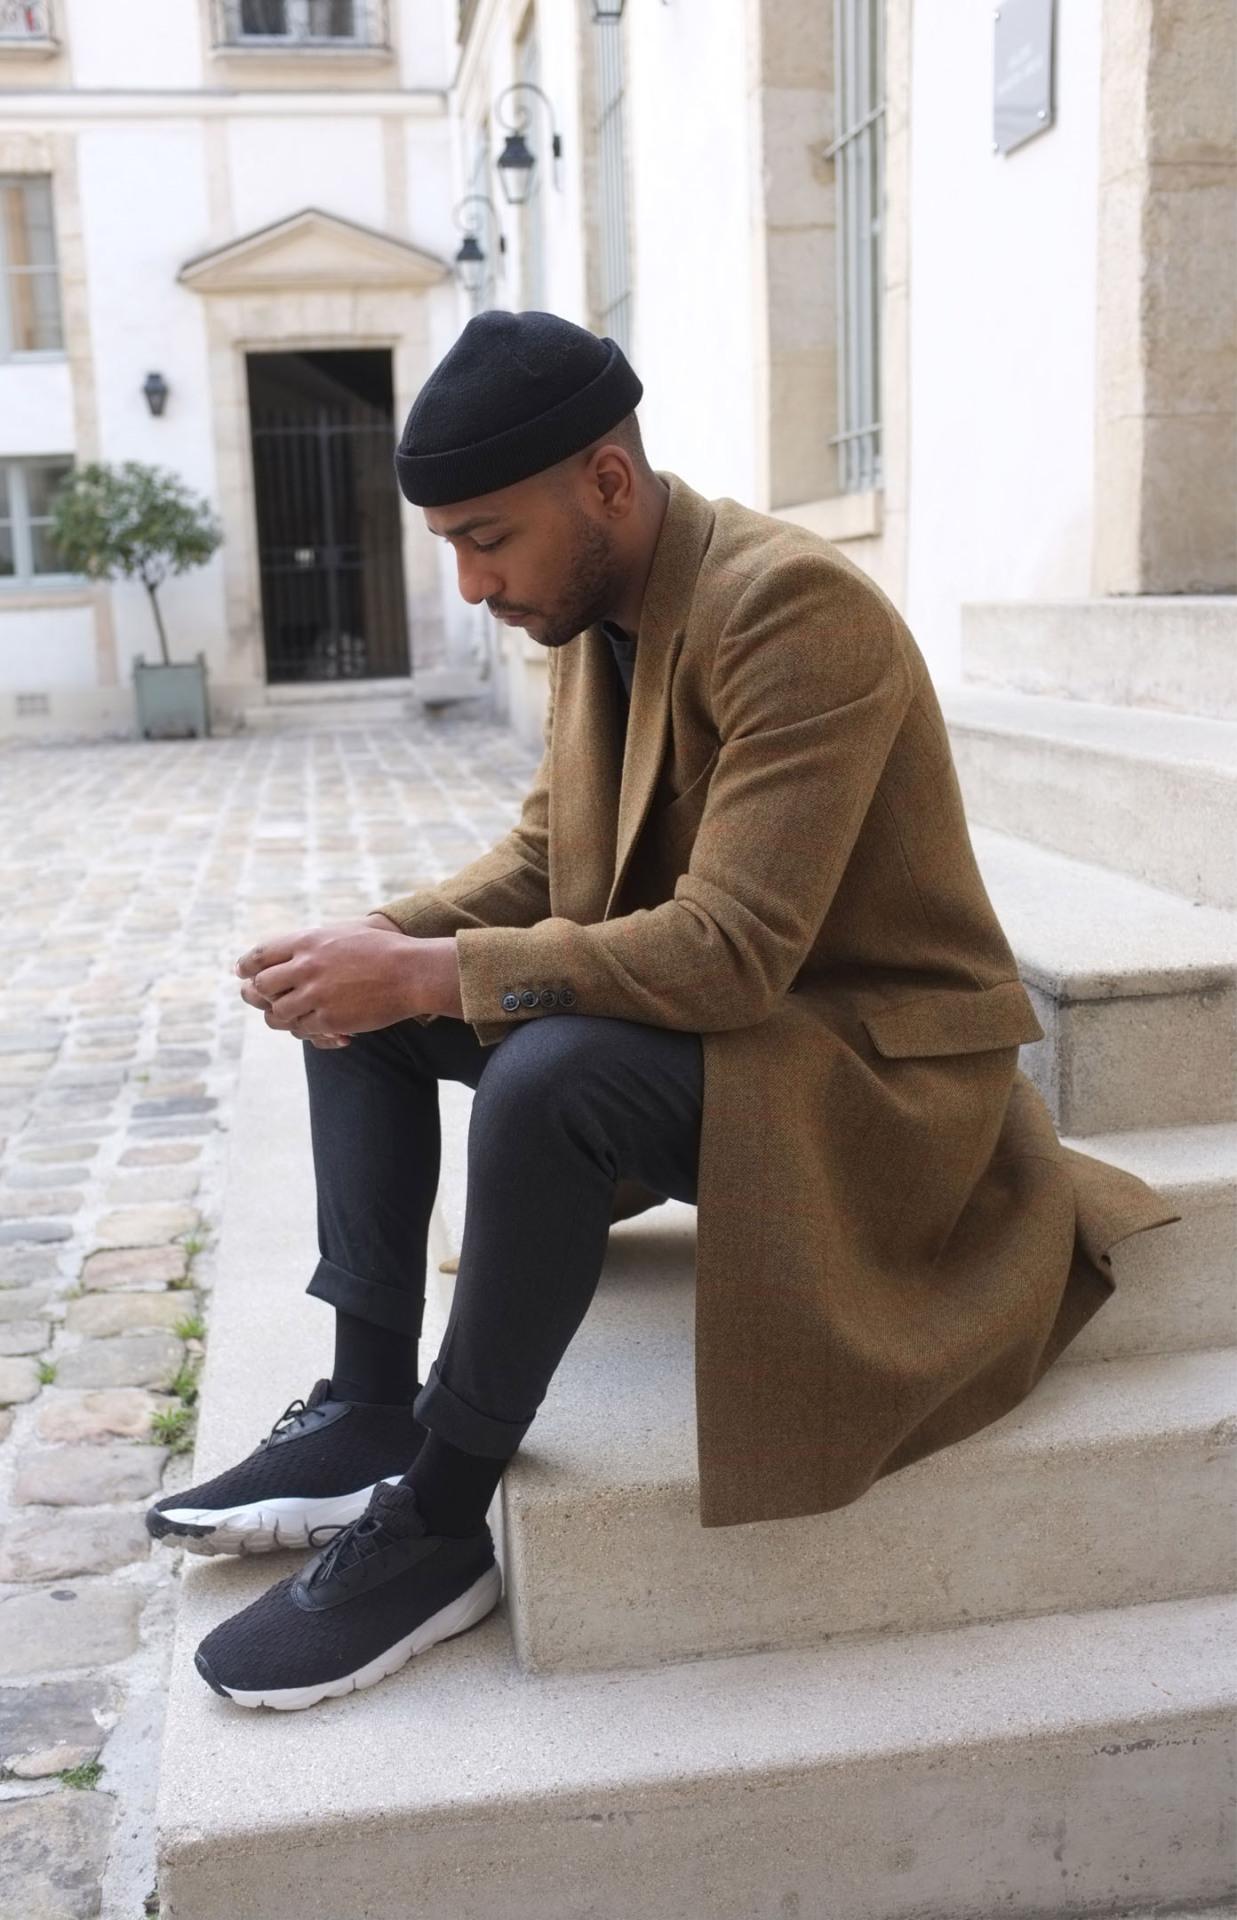 Le pardessus long s'est largement démocratisé aujourd'hui et il n'est pas rare d'en trouver dans des styles streetwear/sportswear. Source : Les Frères Joachim